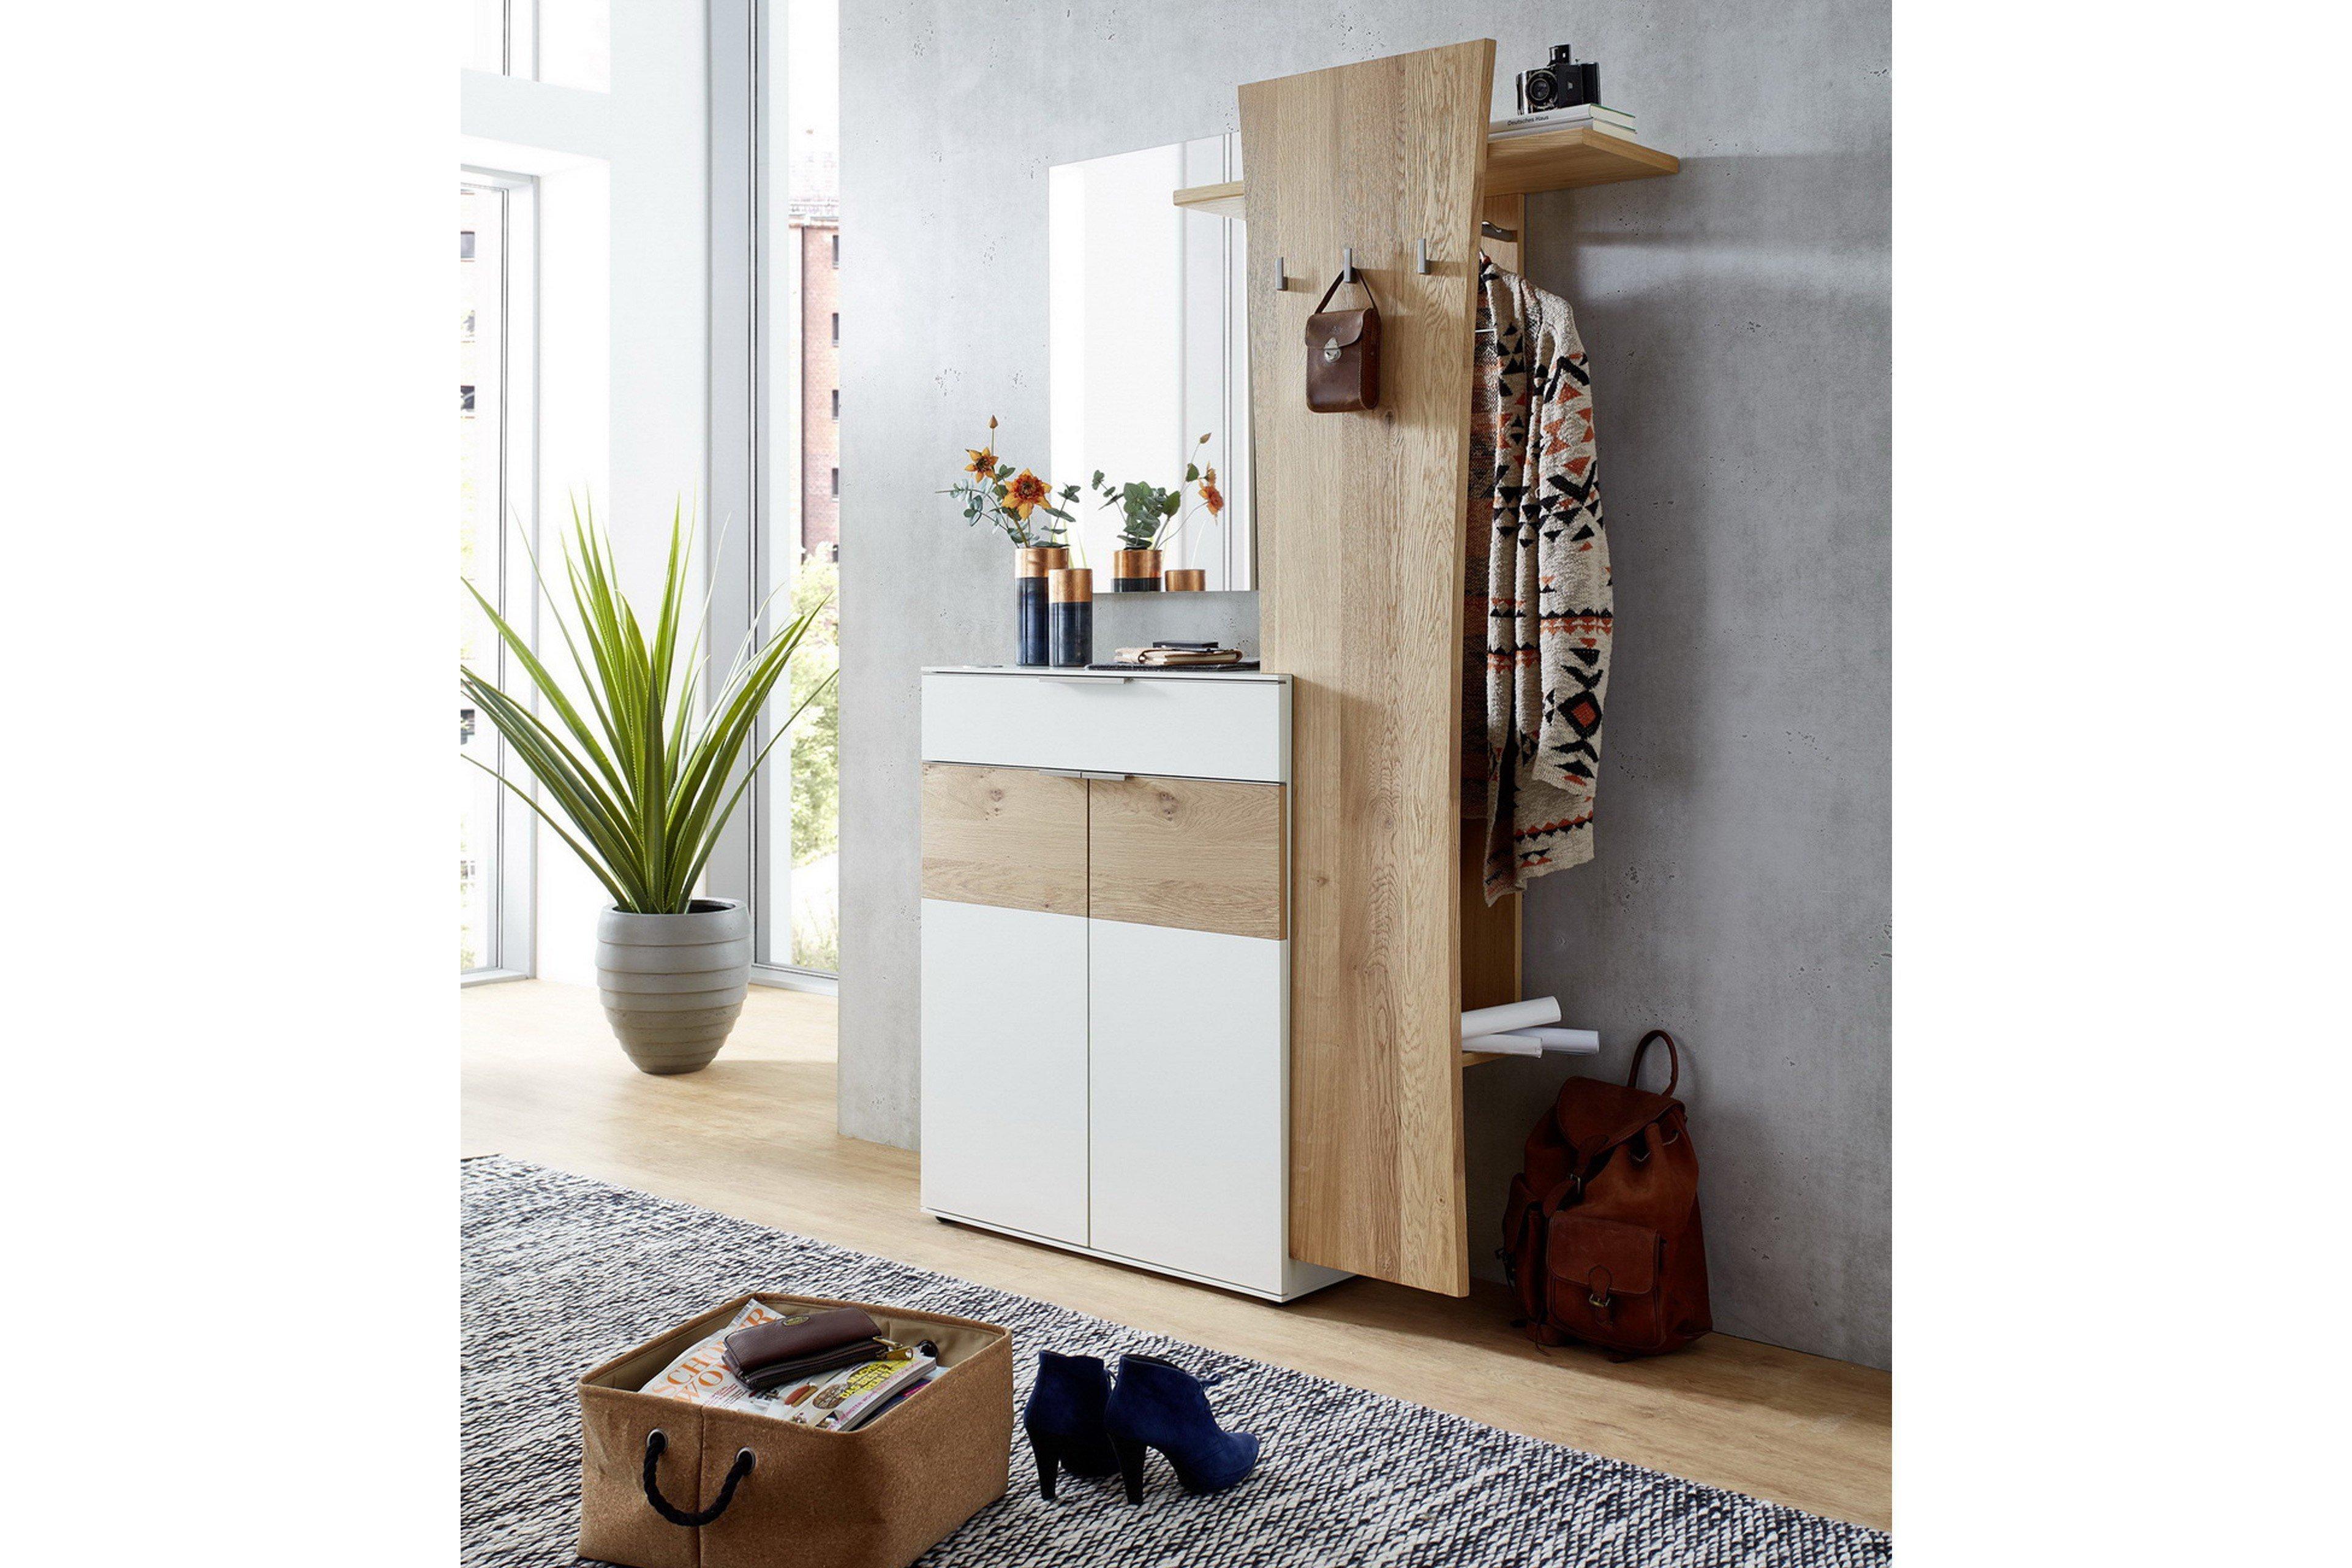 Verschiedene Garderobe Ideen Von Salerno Von Leinkenjost - In Balkeneiche &